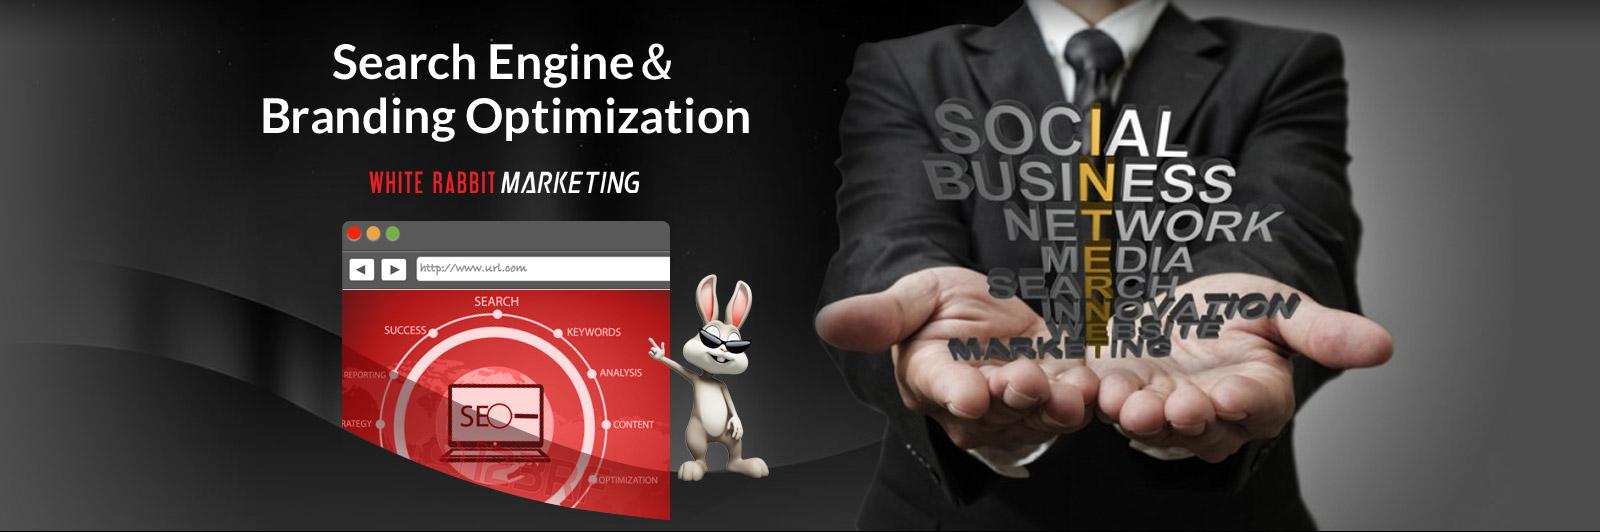 White Rabbit Marketing - ad image